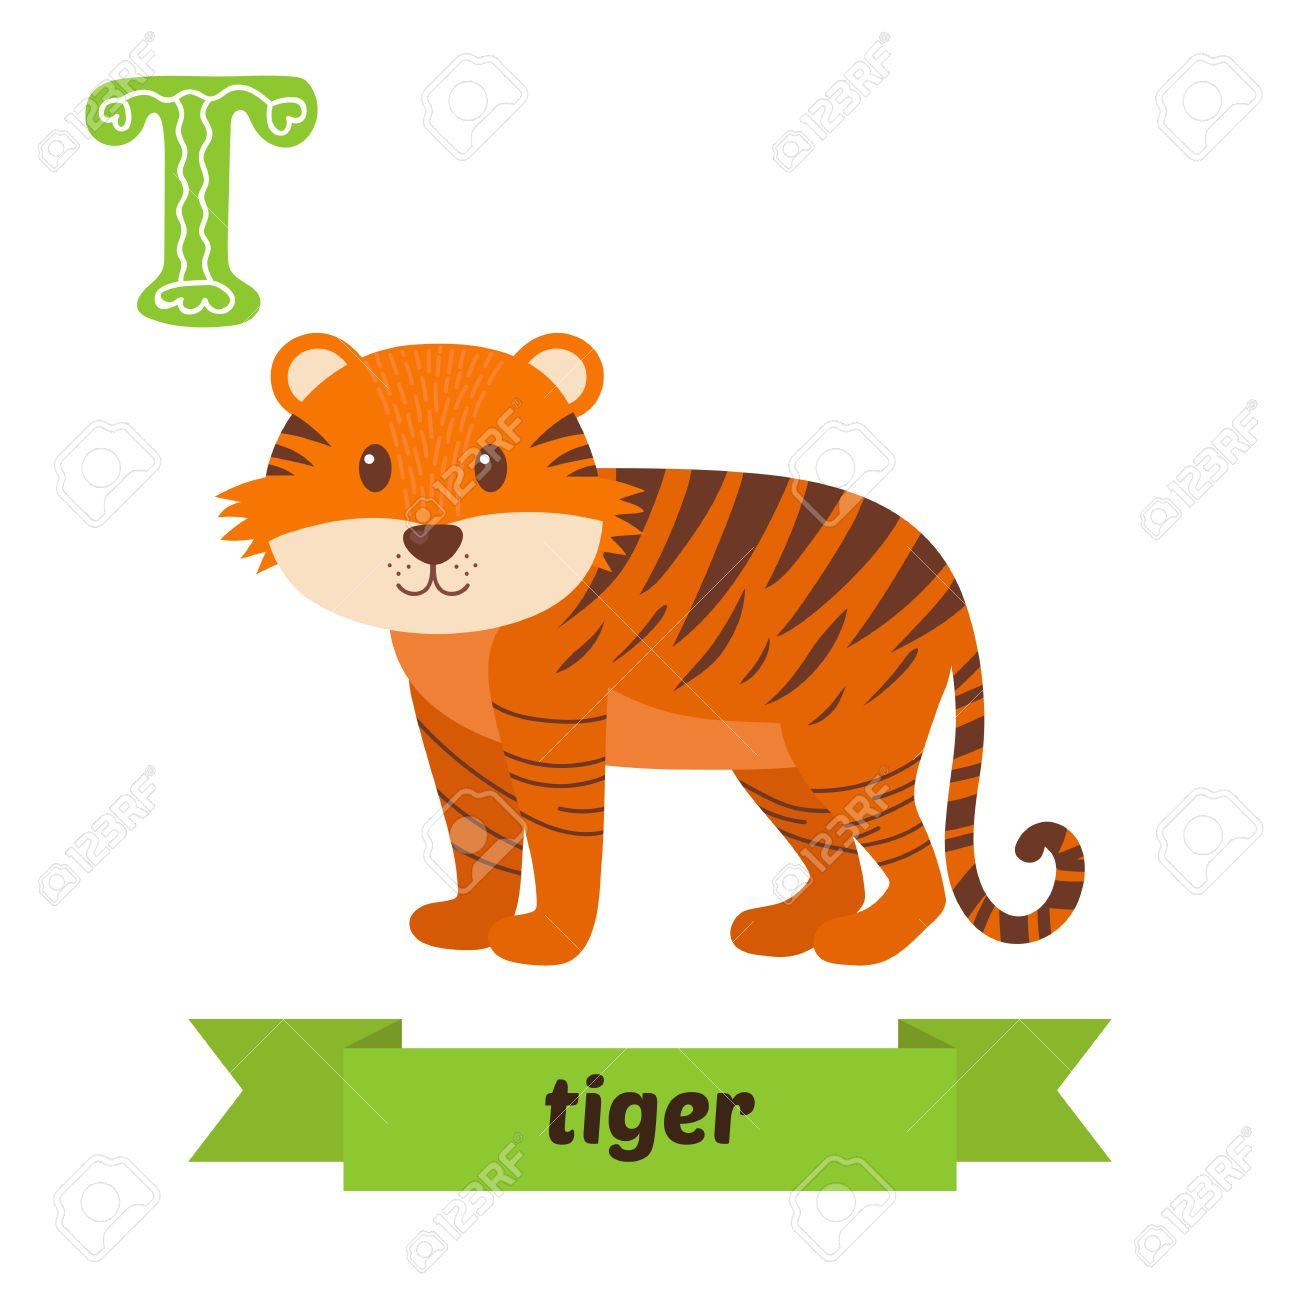 Tigre Letra T Lindo Alfabeto De Los Niños De Los Animales En El Vector Los Animales Divertidos Dibujos Animados Ilustración Vectorial